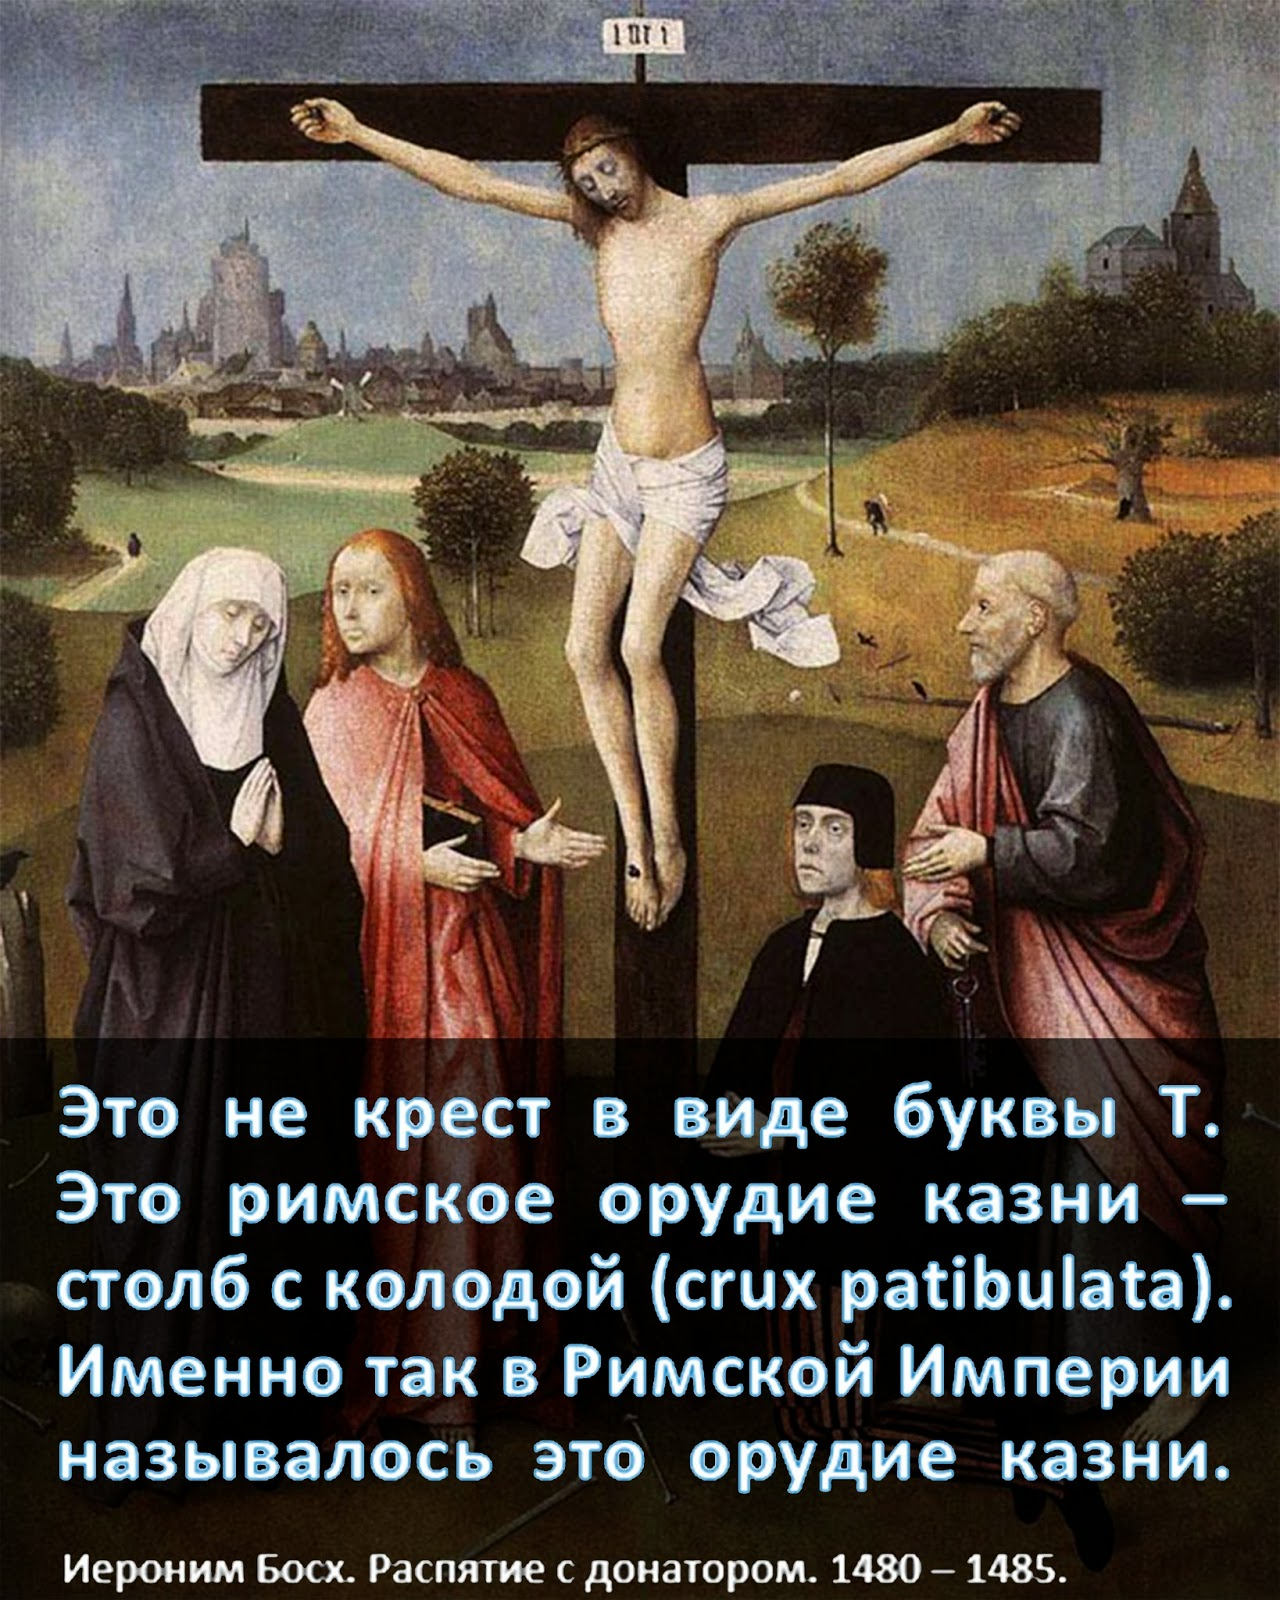 Распятие - крест Христов